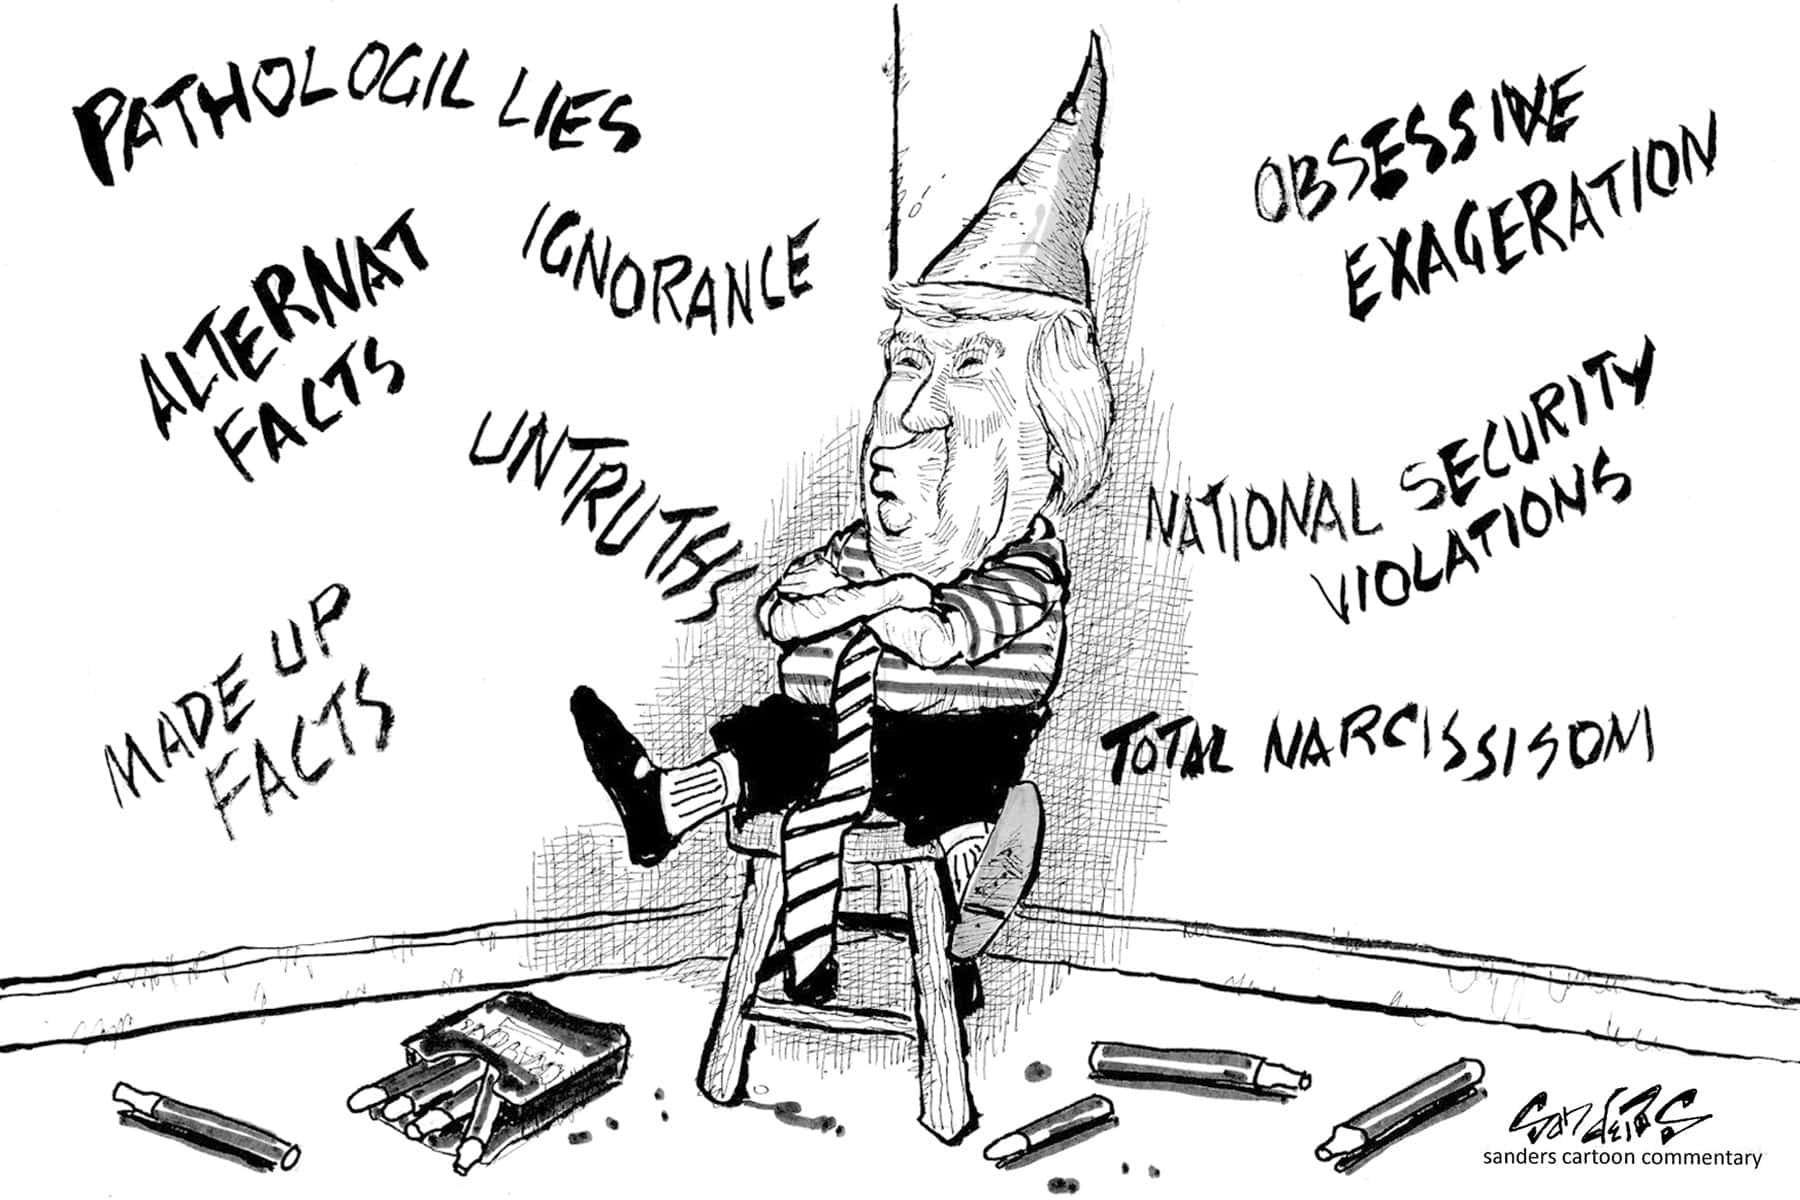 Retired Milwaukee Political Cartoonist Blasts Trump Over